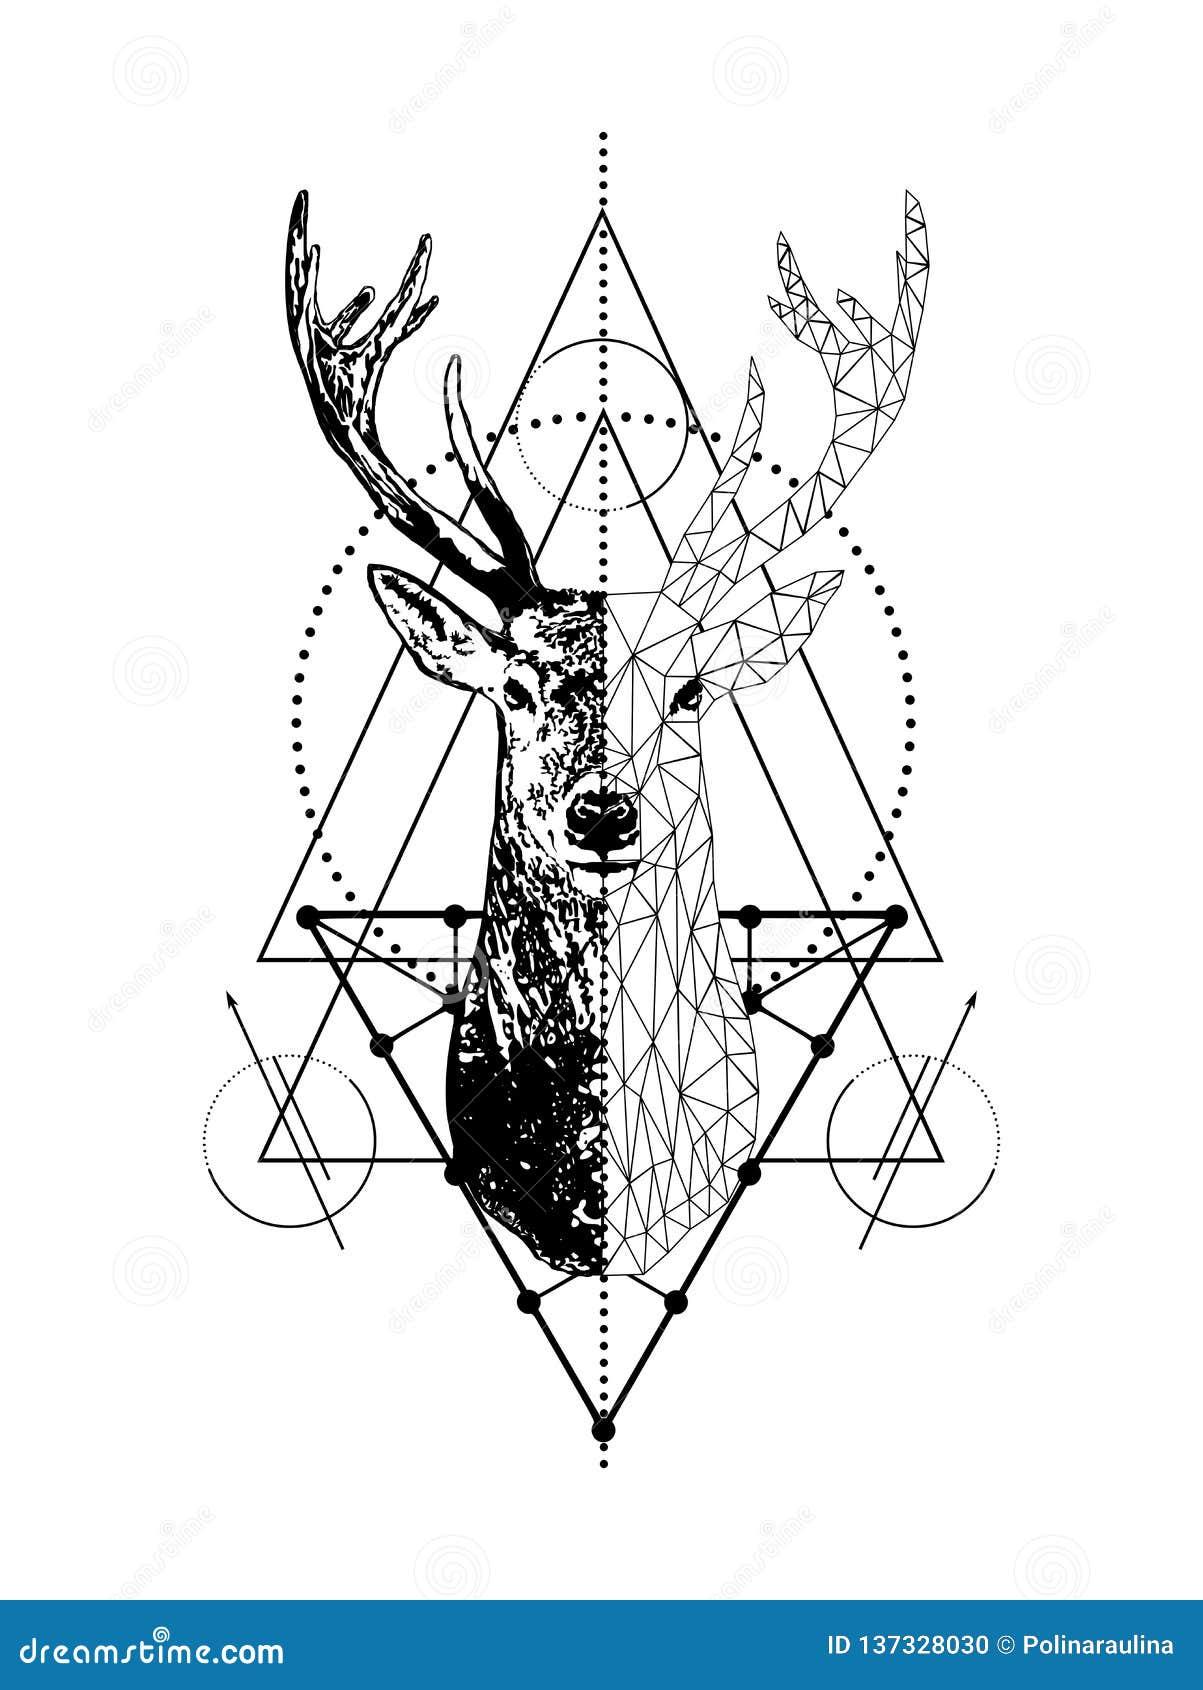 För hjorttatuering för vektor idérik geometrisk design för stil för konst Lågt poly hjorthuvud med triangeln